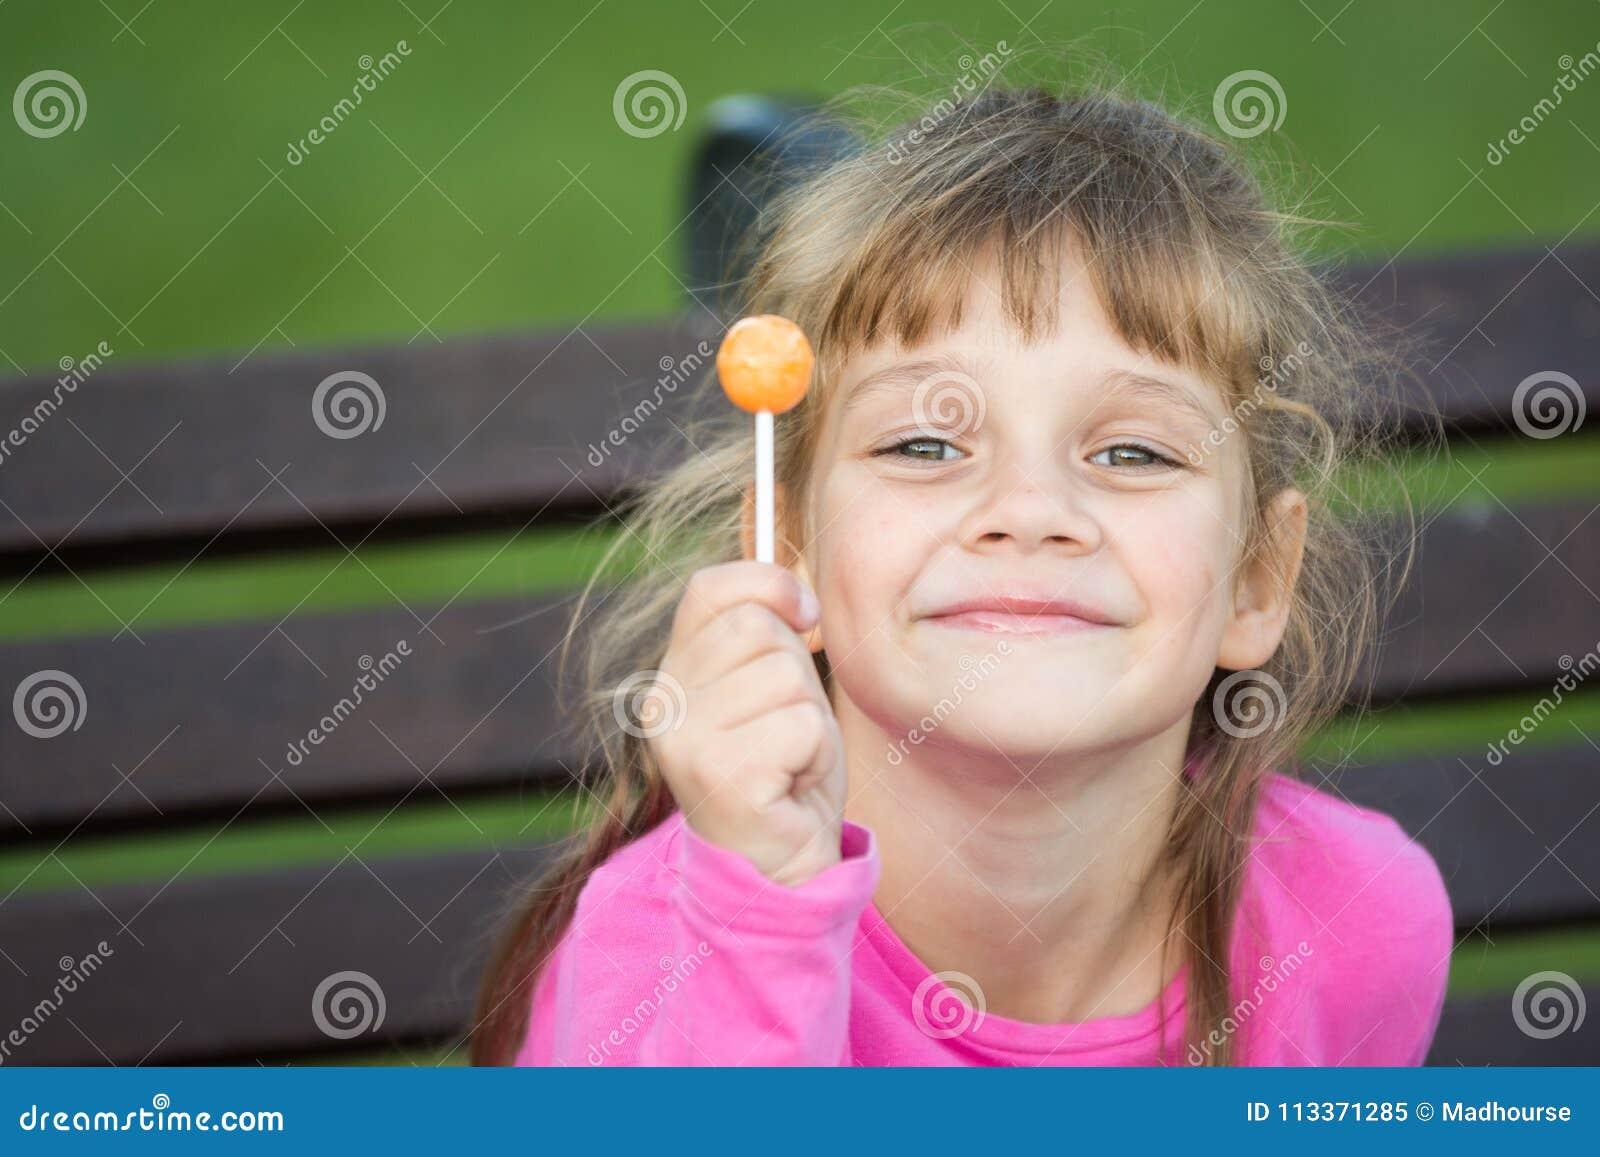 Portret van een zes-jaar-oud vrolijk meisje dat een lolly in haar hand houdt